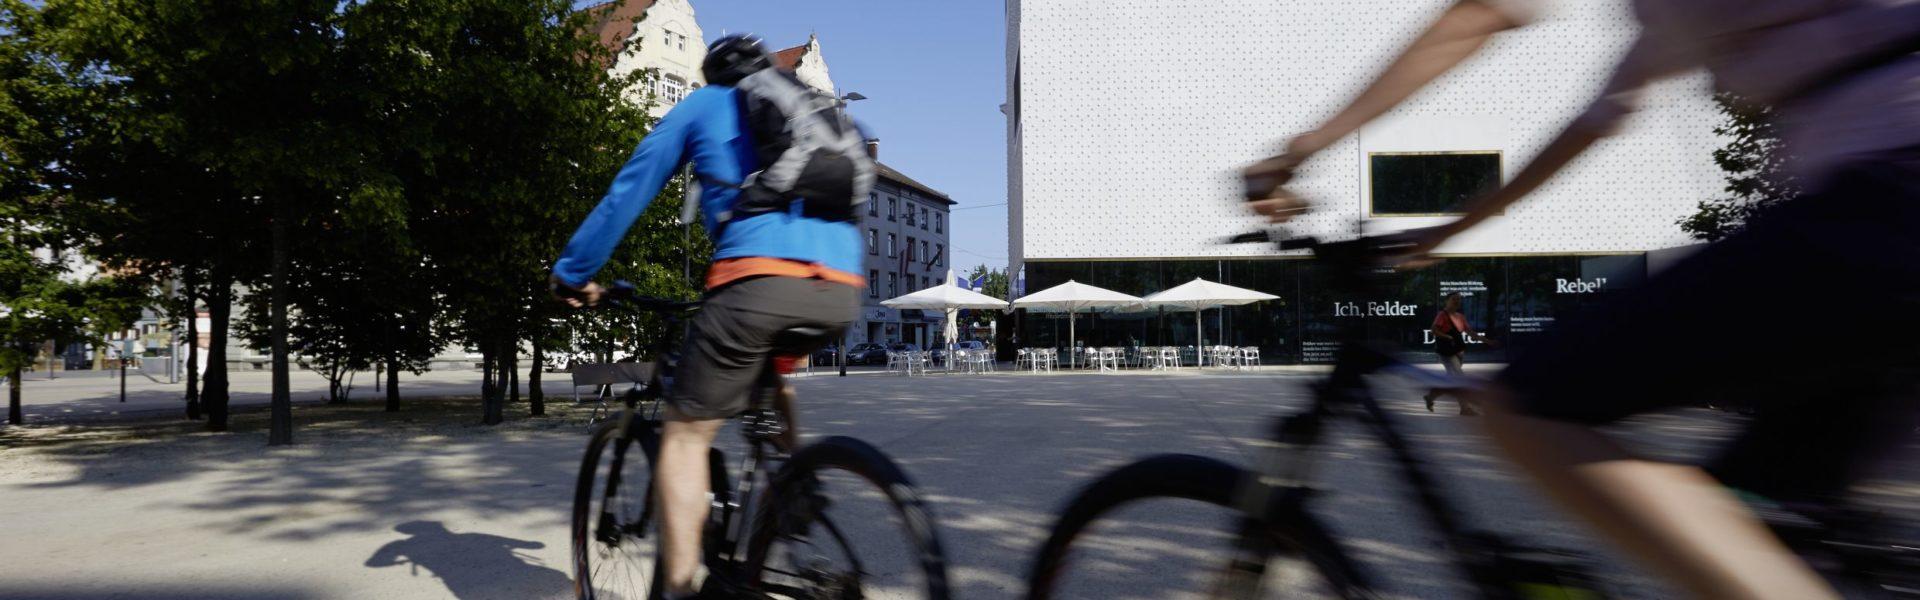 E-Bike, Bregenz am Bodensee, vorarlberg museum (c) Peter Mathis / Vorarlberg Tourismus